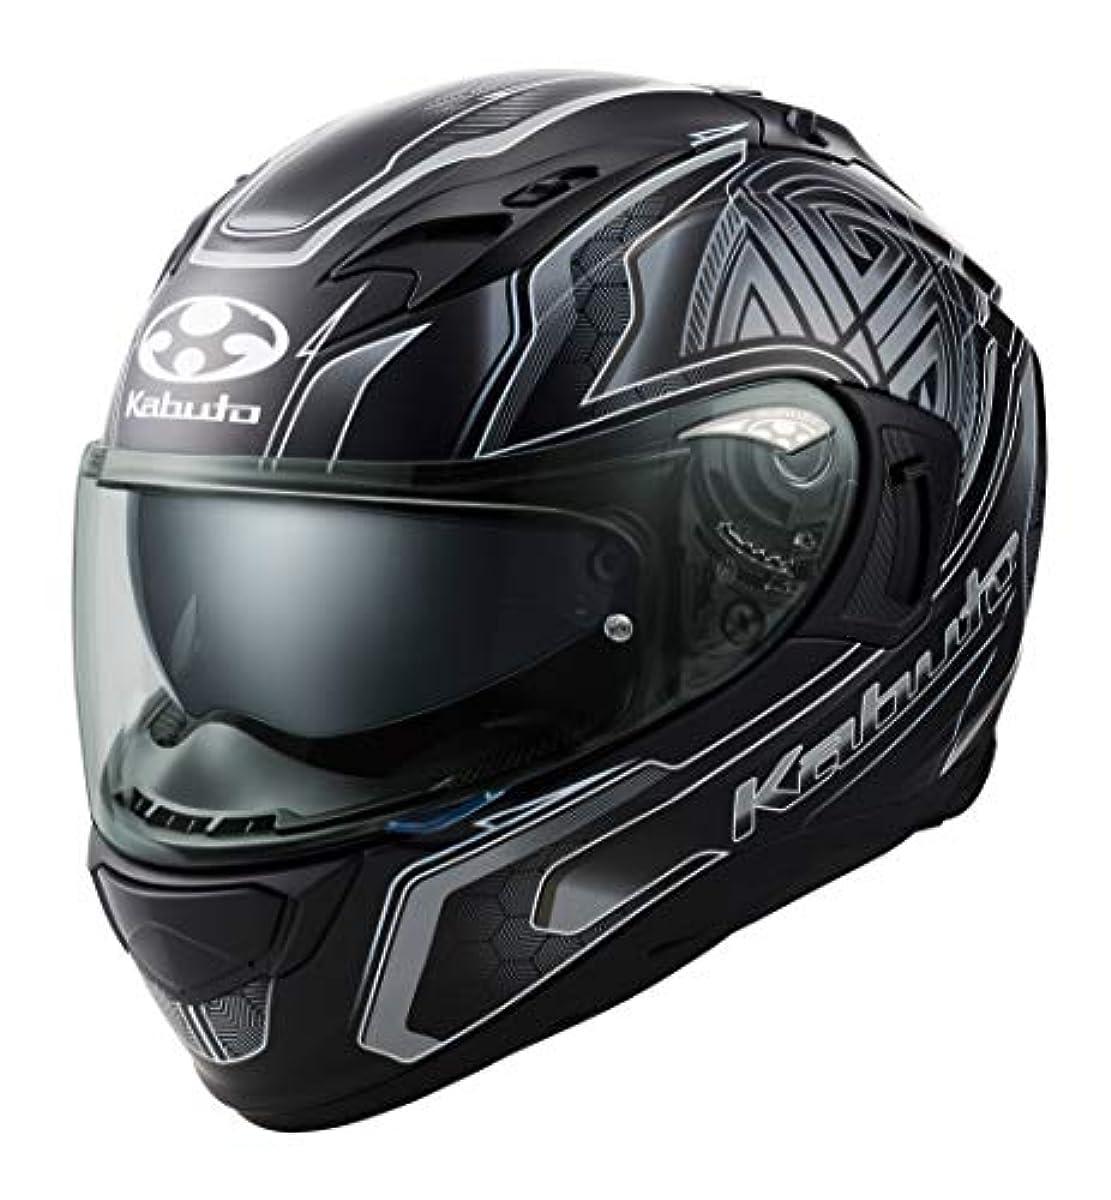 [해외] OG K (카부)카브도(OGK KABUTO)오토바이 헬멧 풀 페이스 KAMUI3 CIRCLE(써클) 플랫 블랙 실버 (사이즈:L) 585747